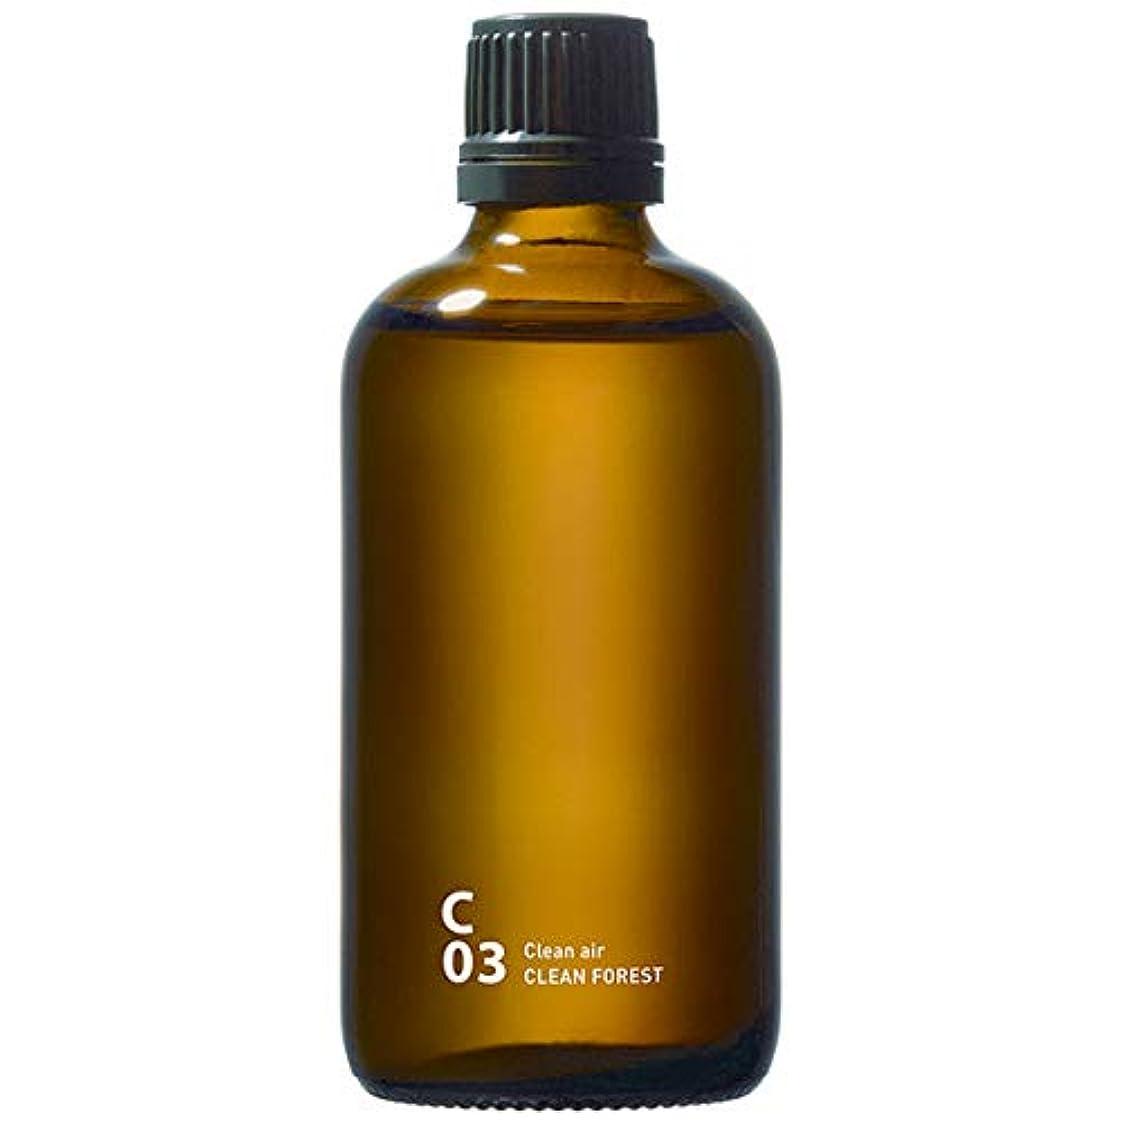 気取らないコールド攻撃的C03 CLEAN FOREST piezo aroma oil 100ml